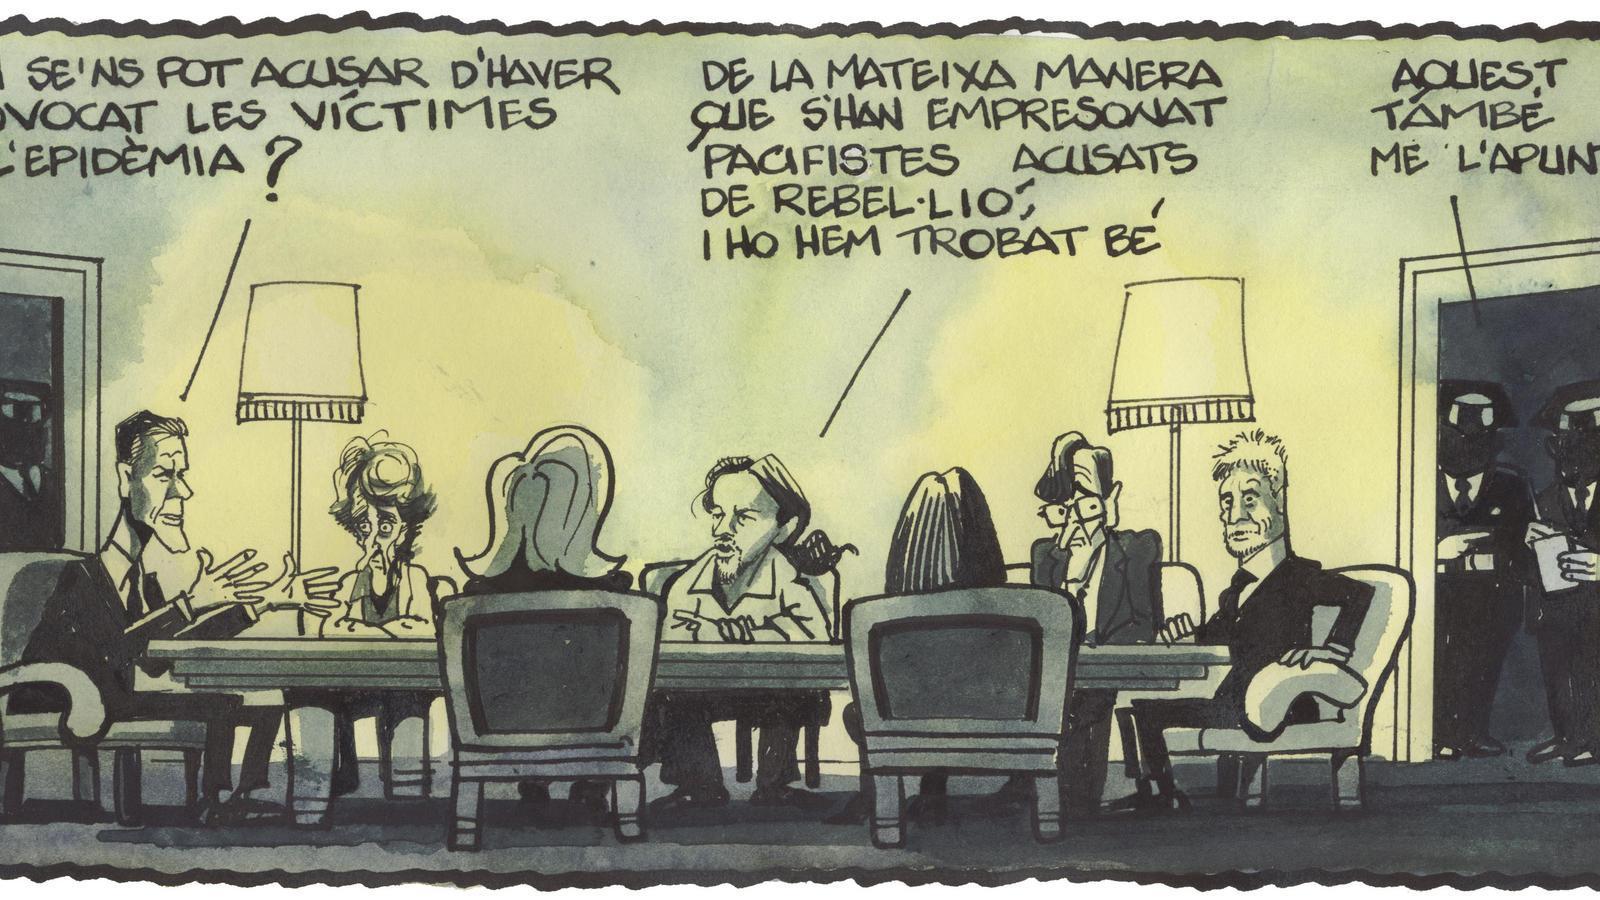 'A la contra', per Ferreres 27/05/2020